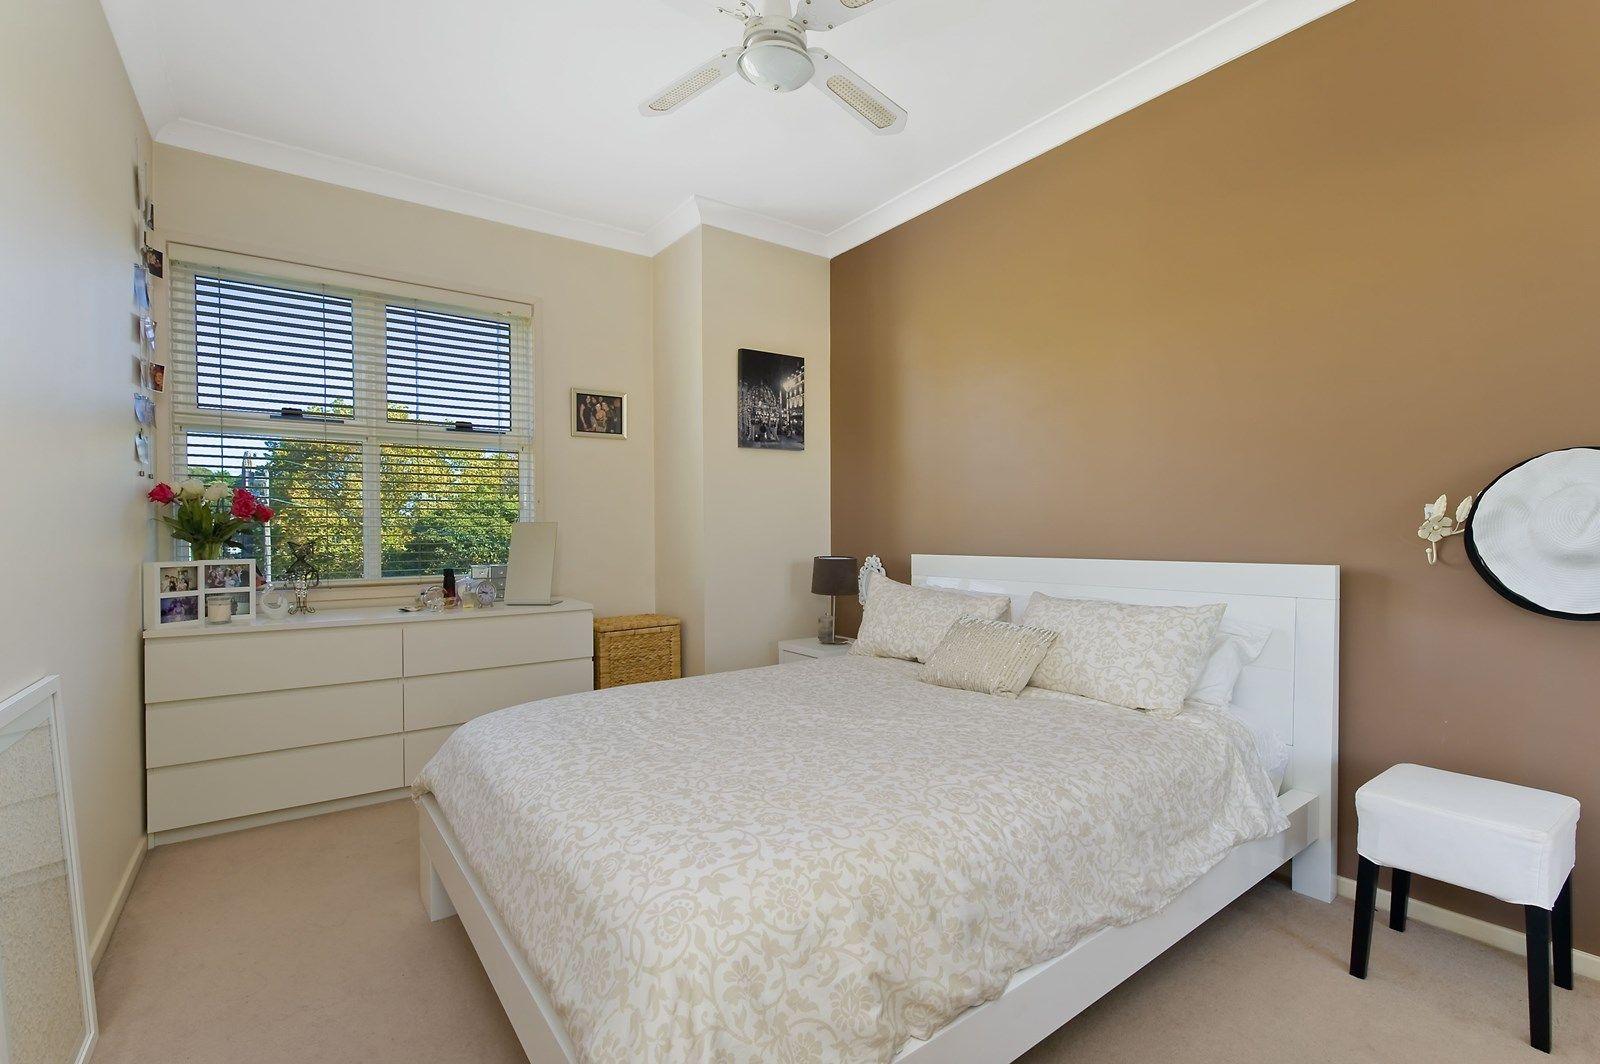 103/16 Karrabee Avenue, Huntleys Cove NSW 2111, Image 2